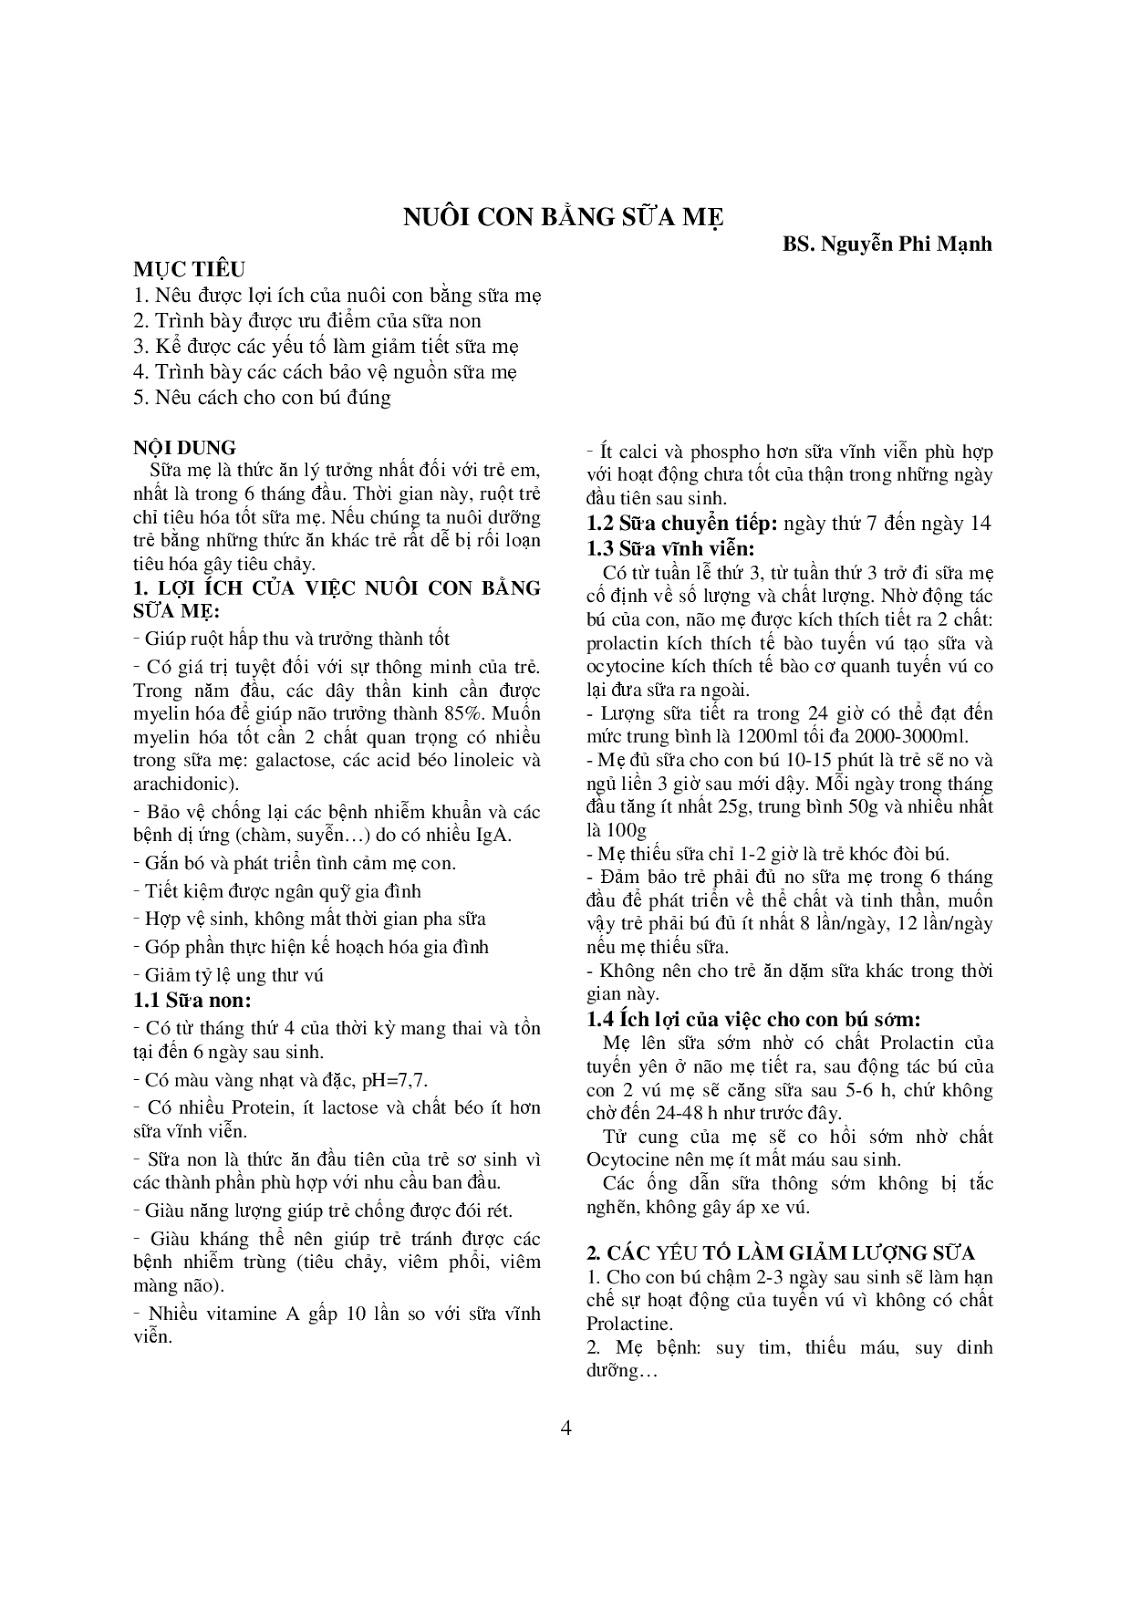 Trang 4 sach Bài giảng Nhi khoa - ĐH Y khoa Phạm Ngọc Thạch